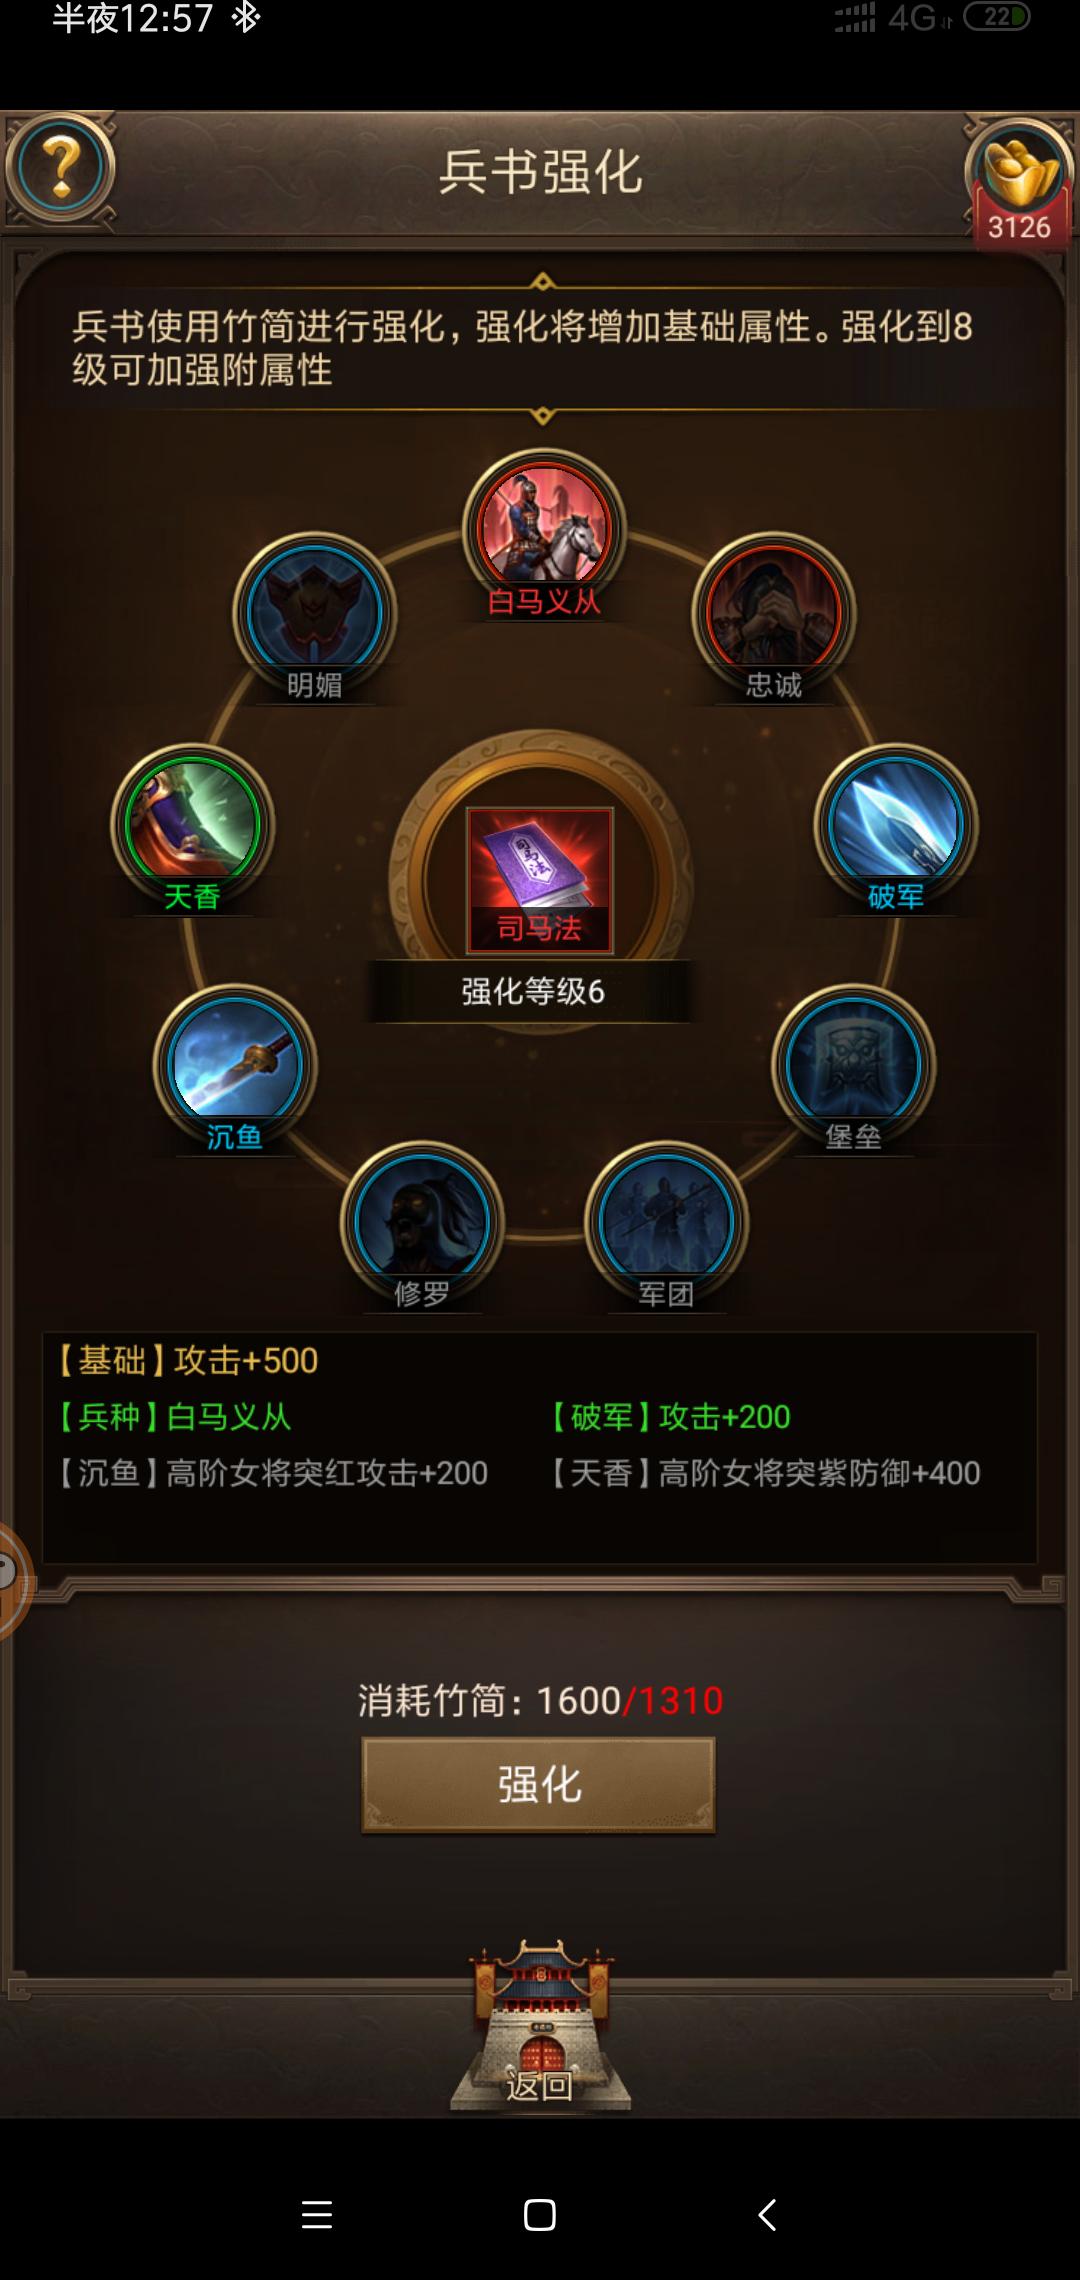 Screenshot_2019-07-17-00-57-25-926_com.tencent.tmgp.zhzz.wuhan.png